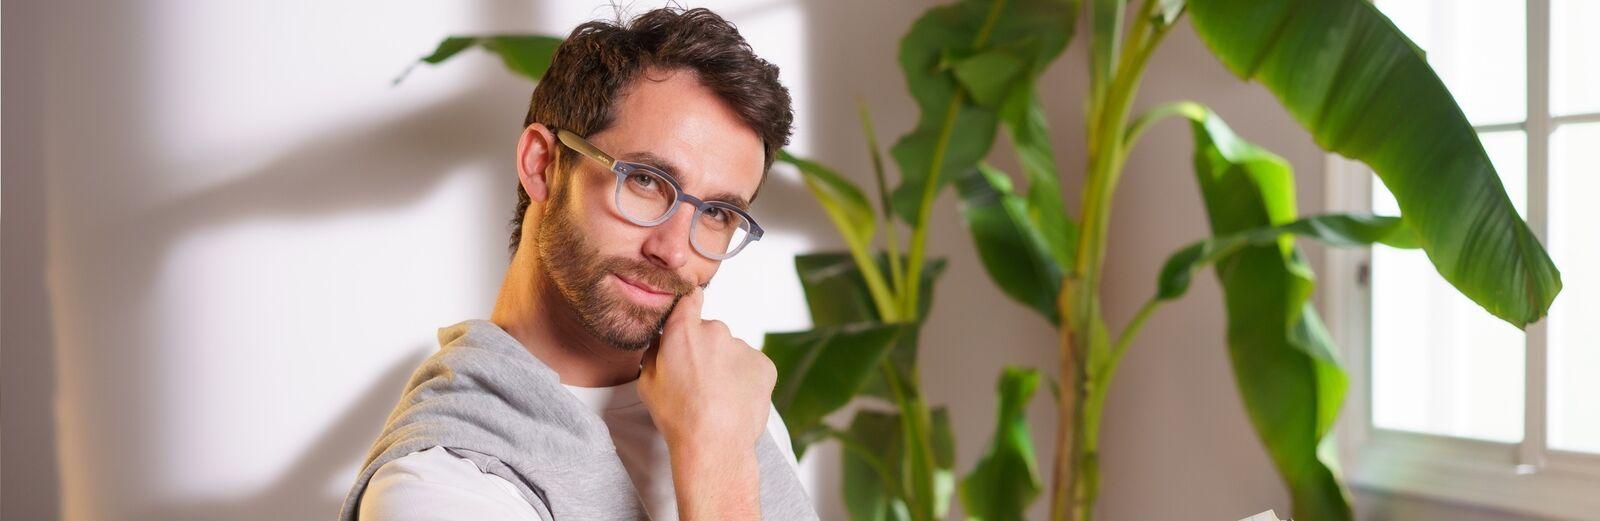 NEW COLLECTION OKKIA occhiali stilosi unisex